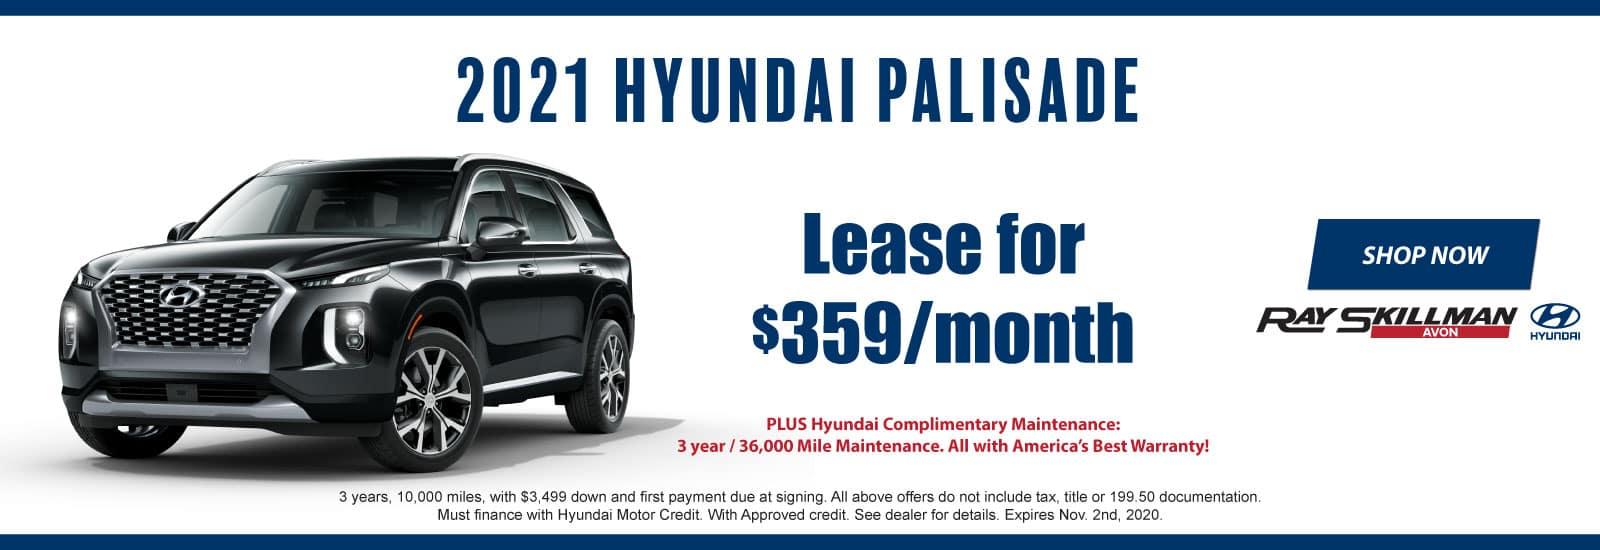 2021-Hyundai-Palisade-Web-Banner-1600×500